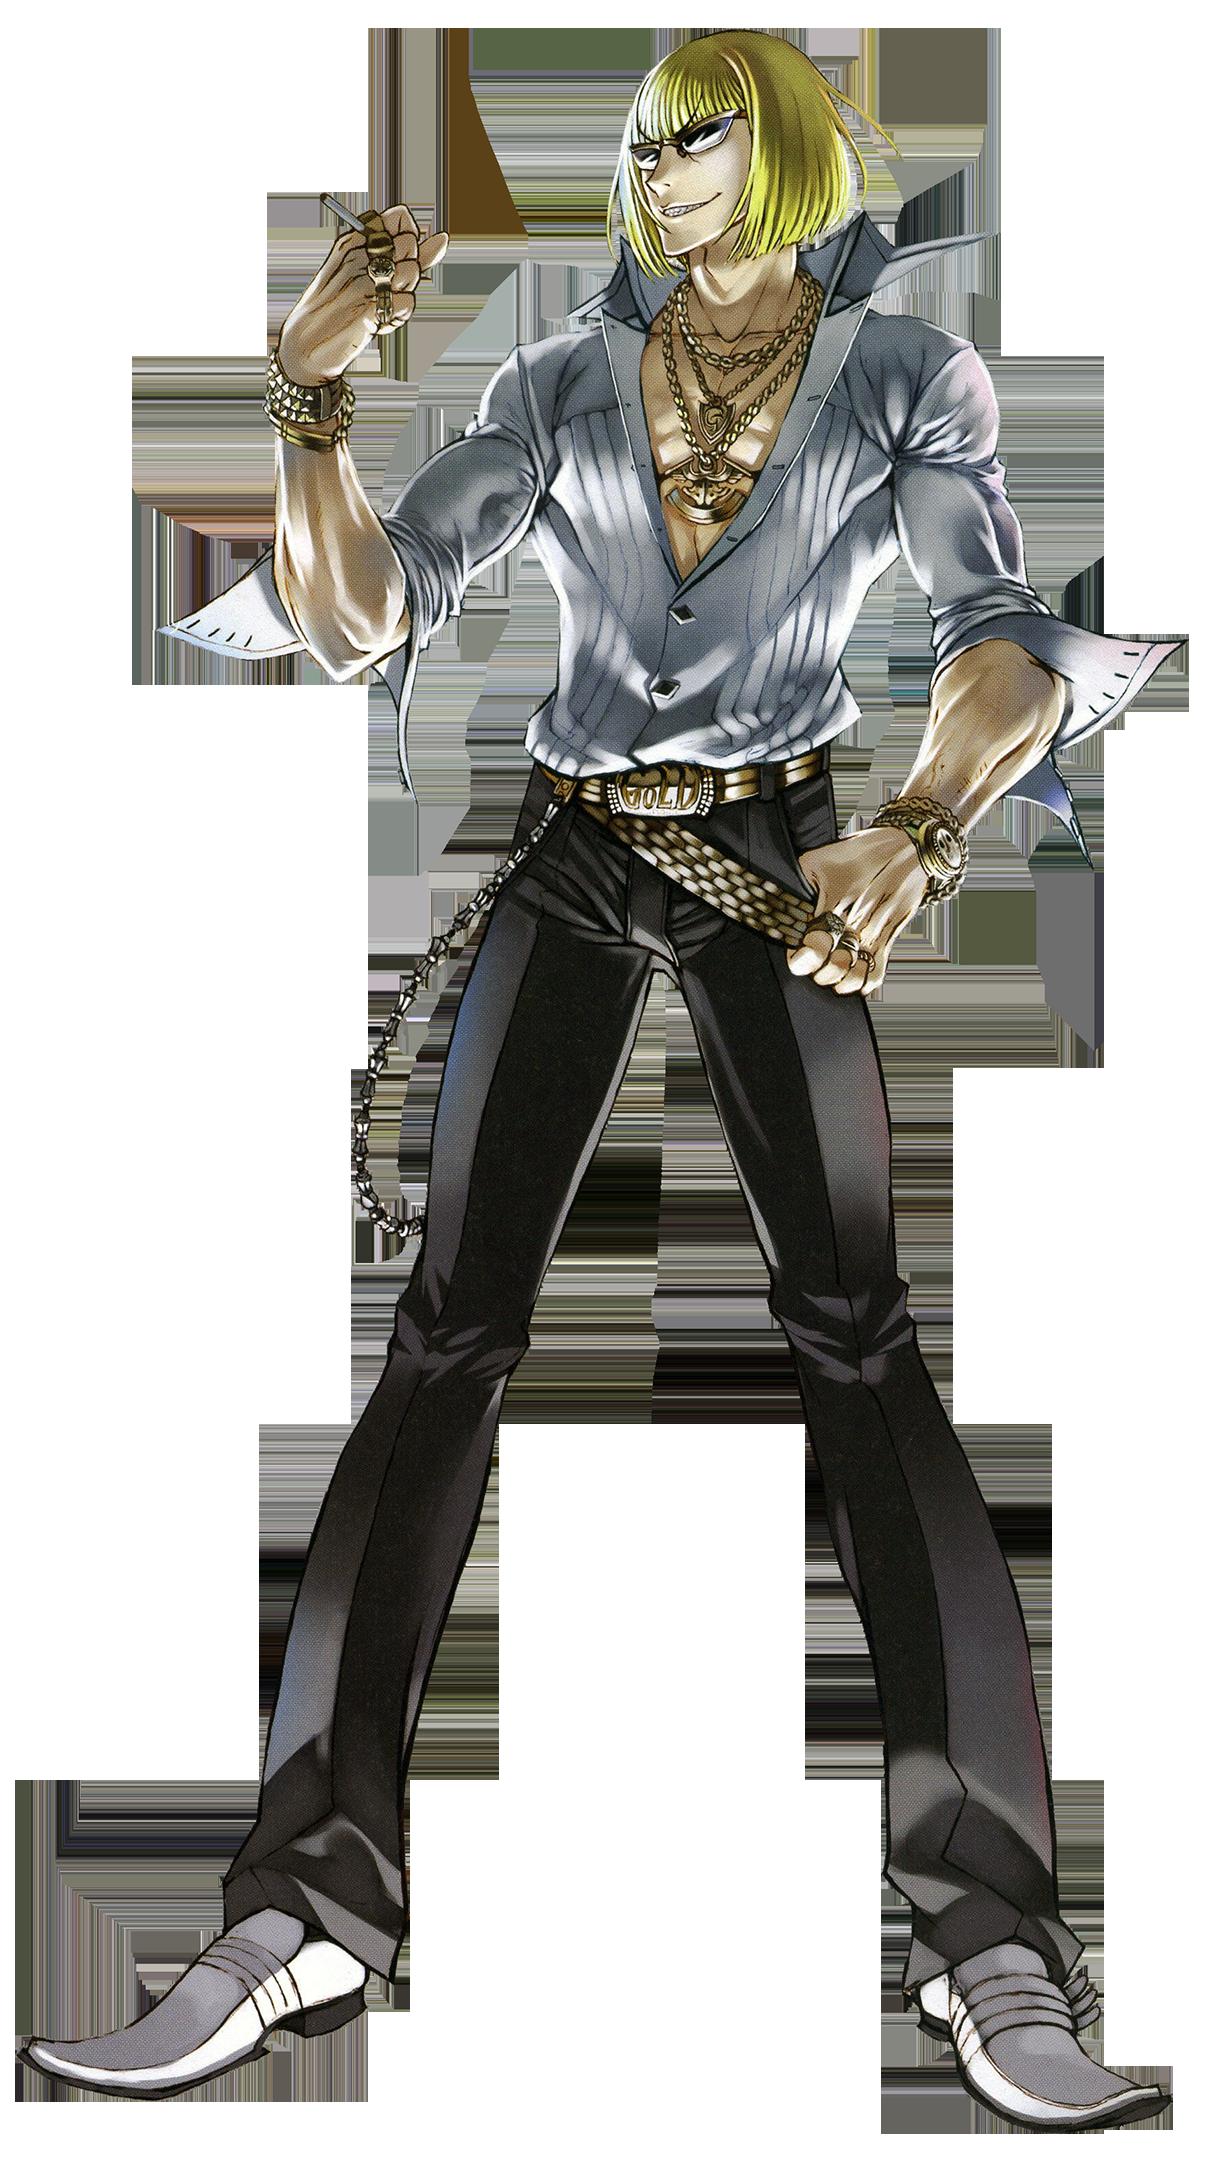 Berserker (Fate/Grand Order - Kintoki)